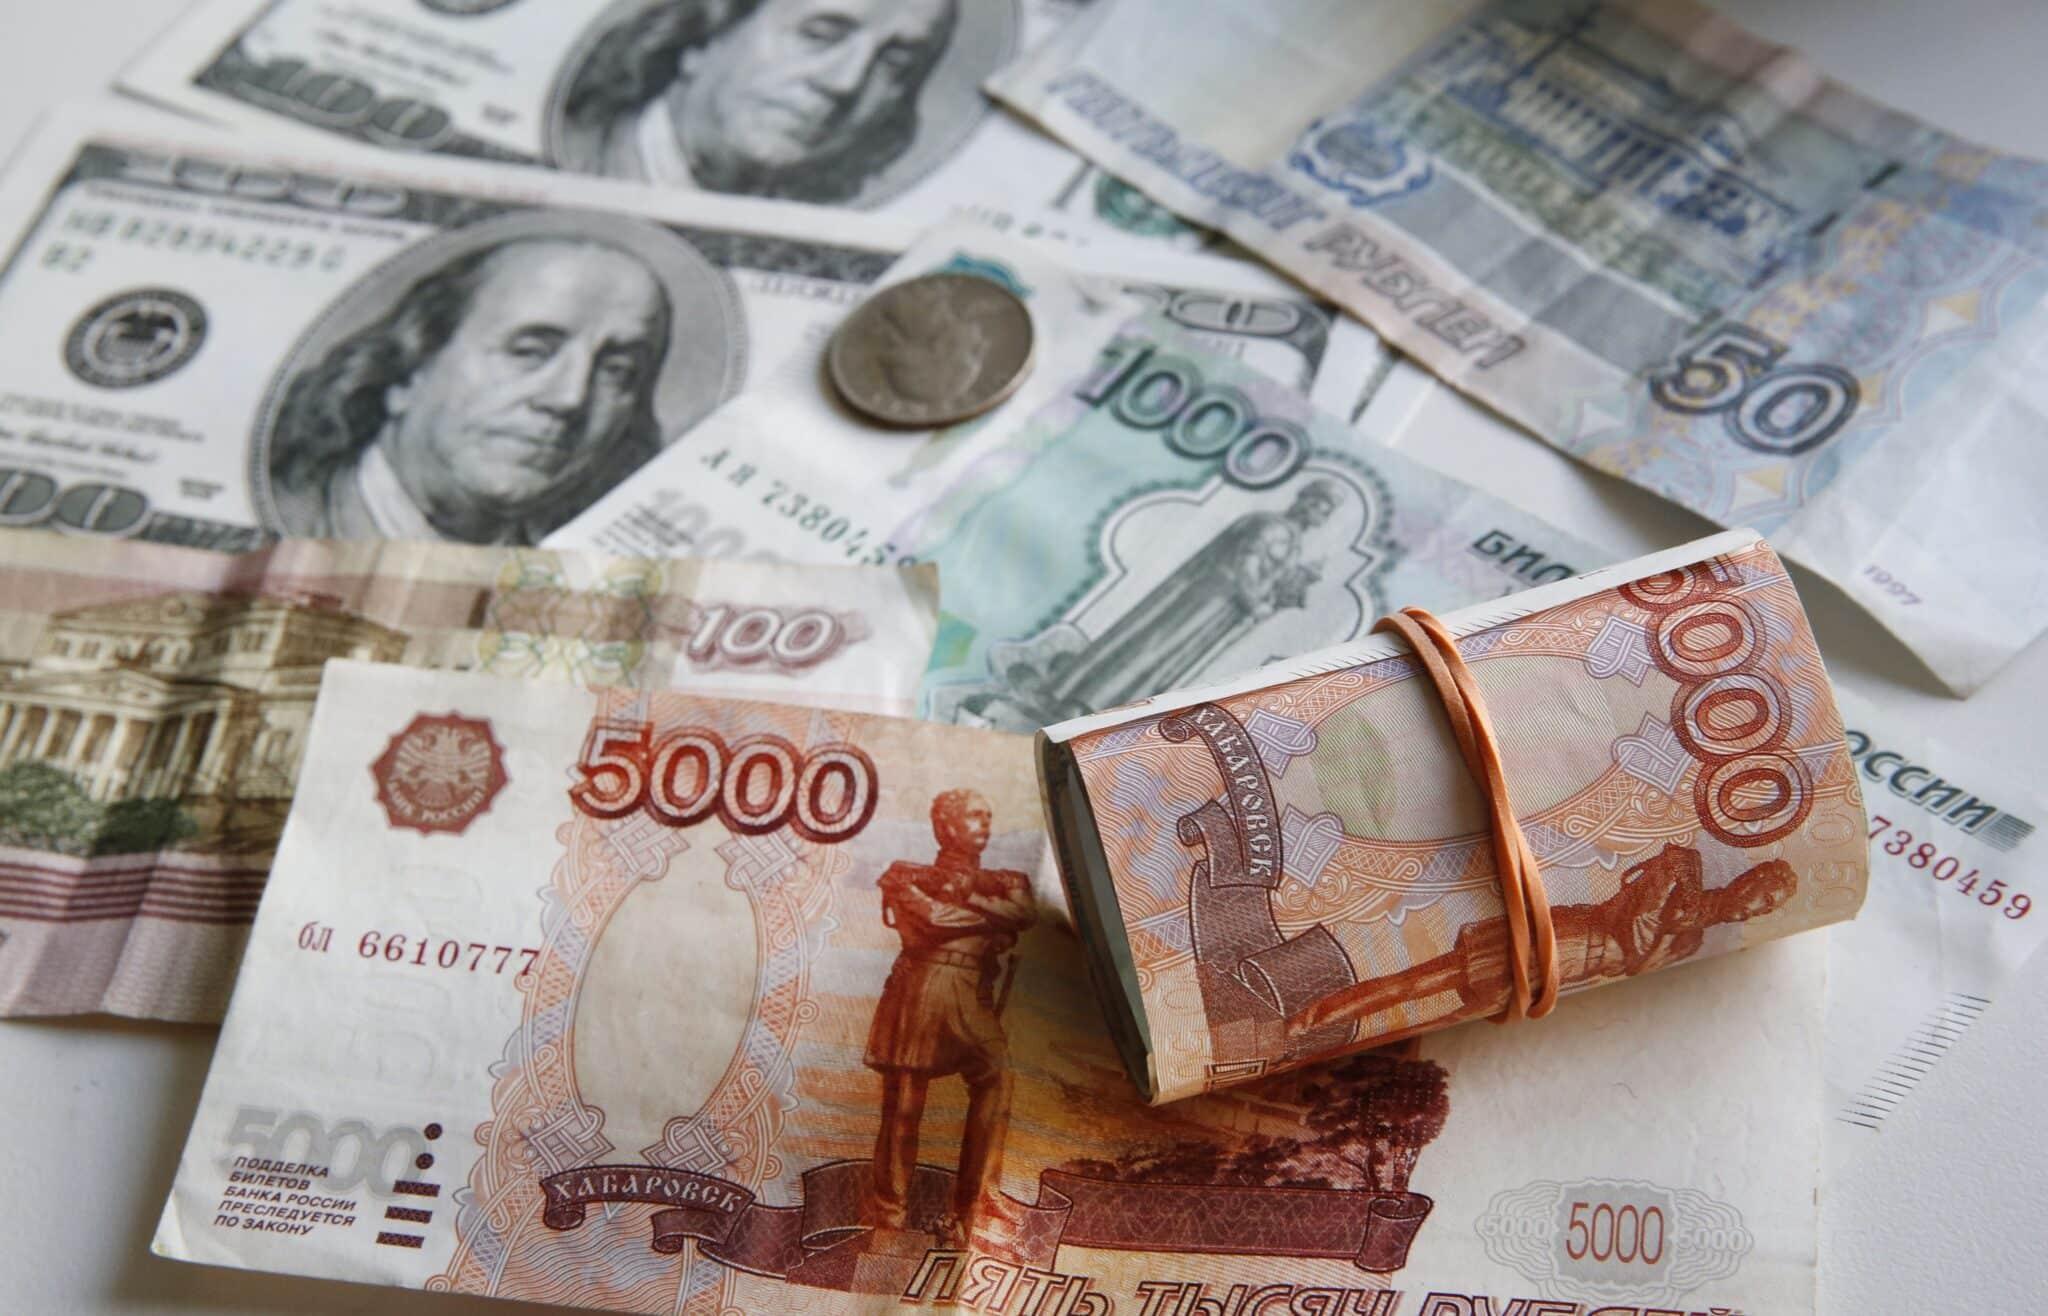 Прогноз курса доллара: когда упадёт, что будет с долларом и евро, какой курс сейчас